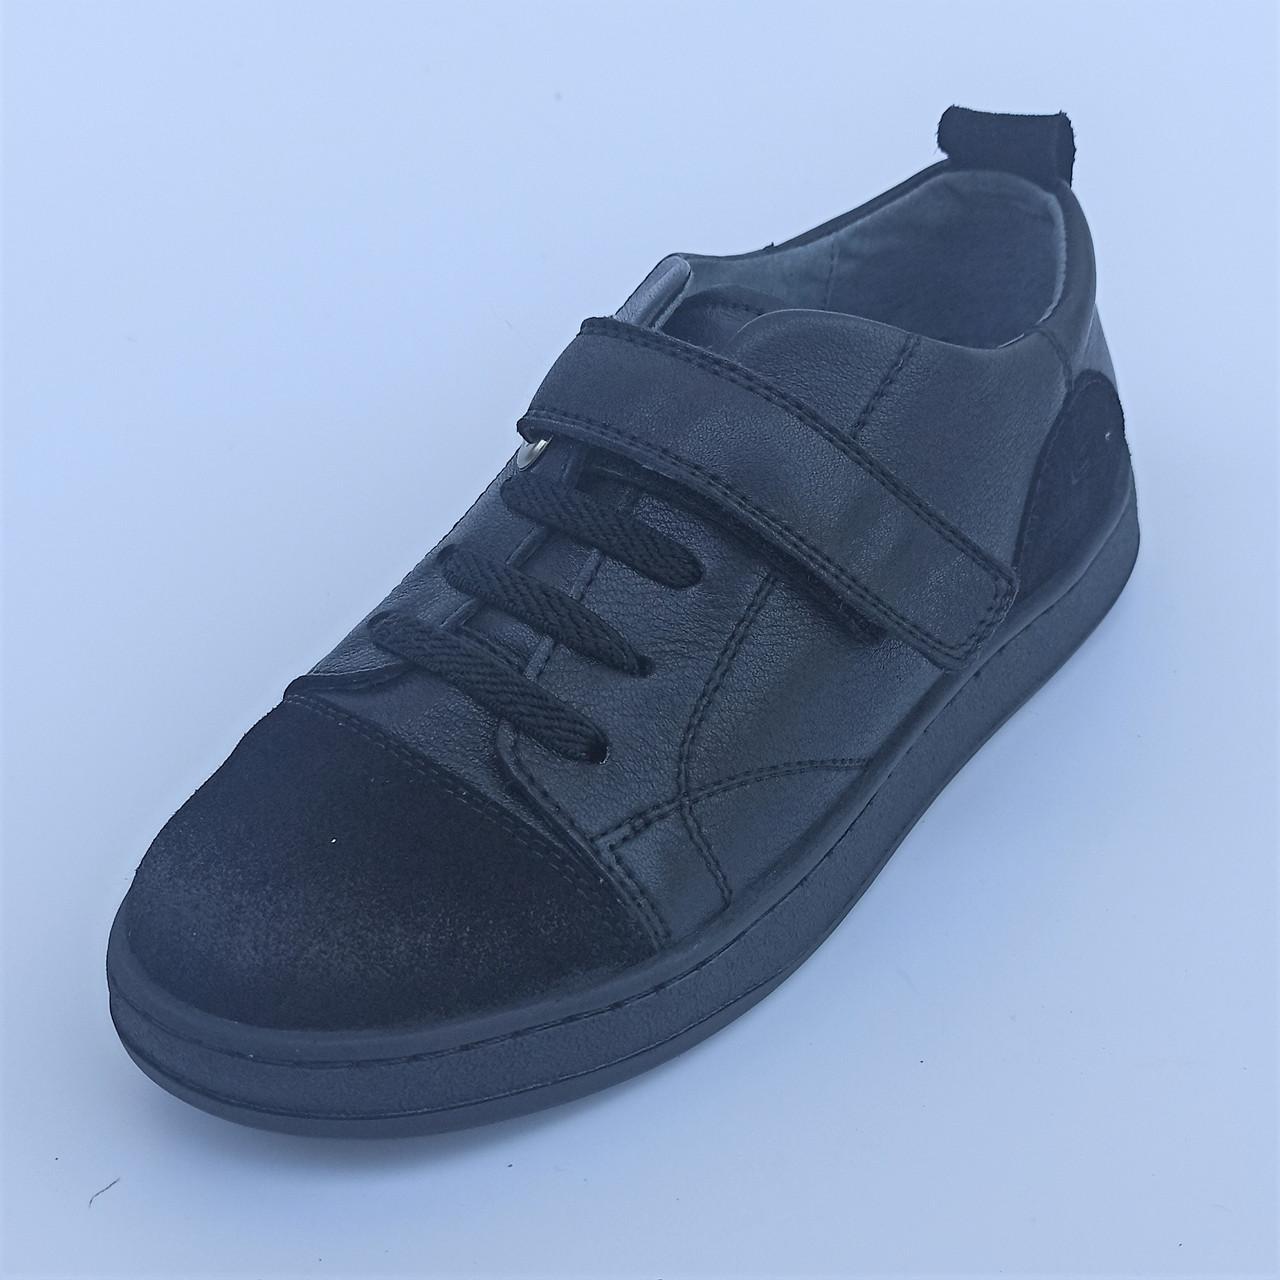 Стиляжному туфлі для школи, LC Kids розміри: 31-34